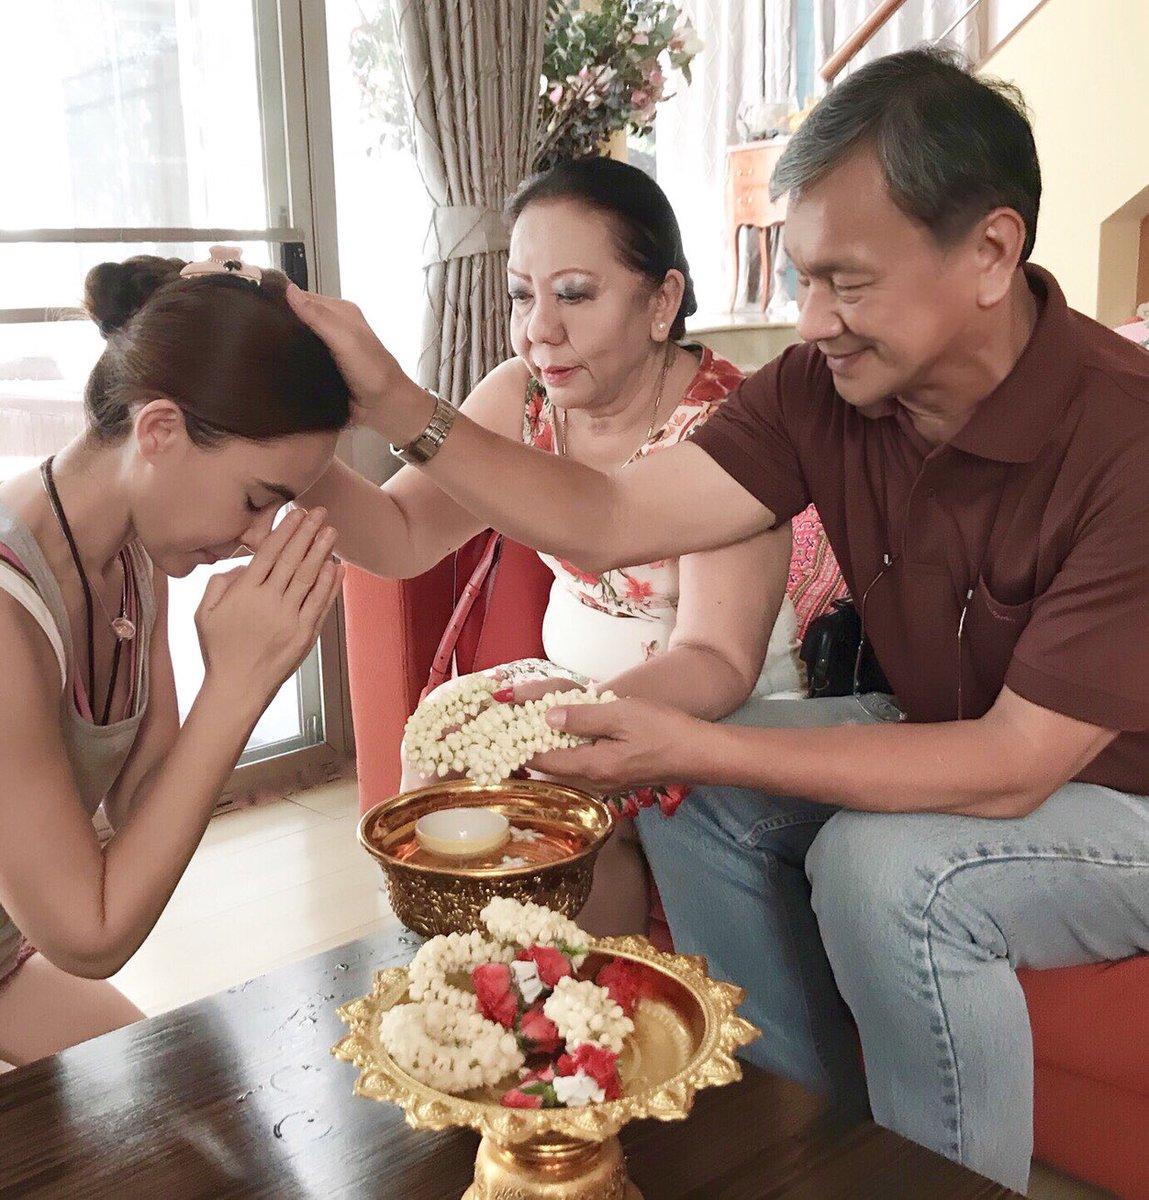 แบบอย่างที่ดี มาช่า ชวนน้องกาย ไหว้ขอพรพ่อแม่ ในวันสงกรานต์ วันครอบครัว